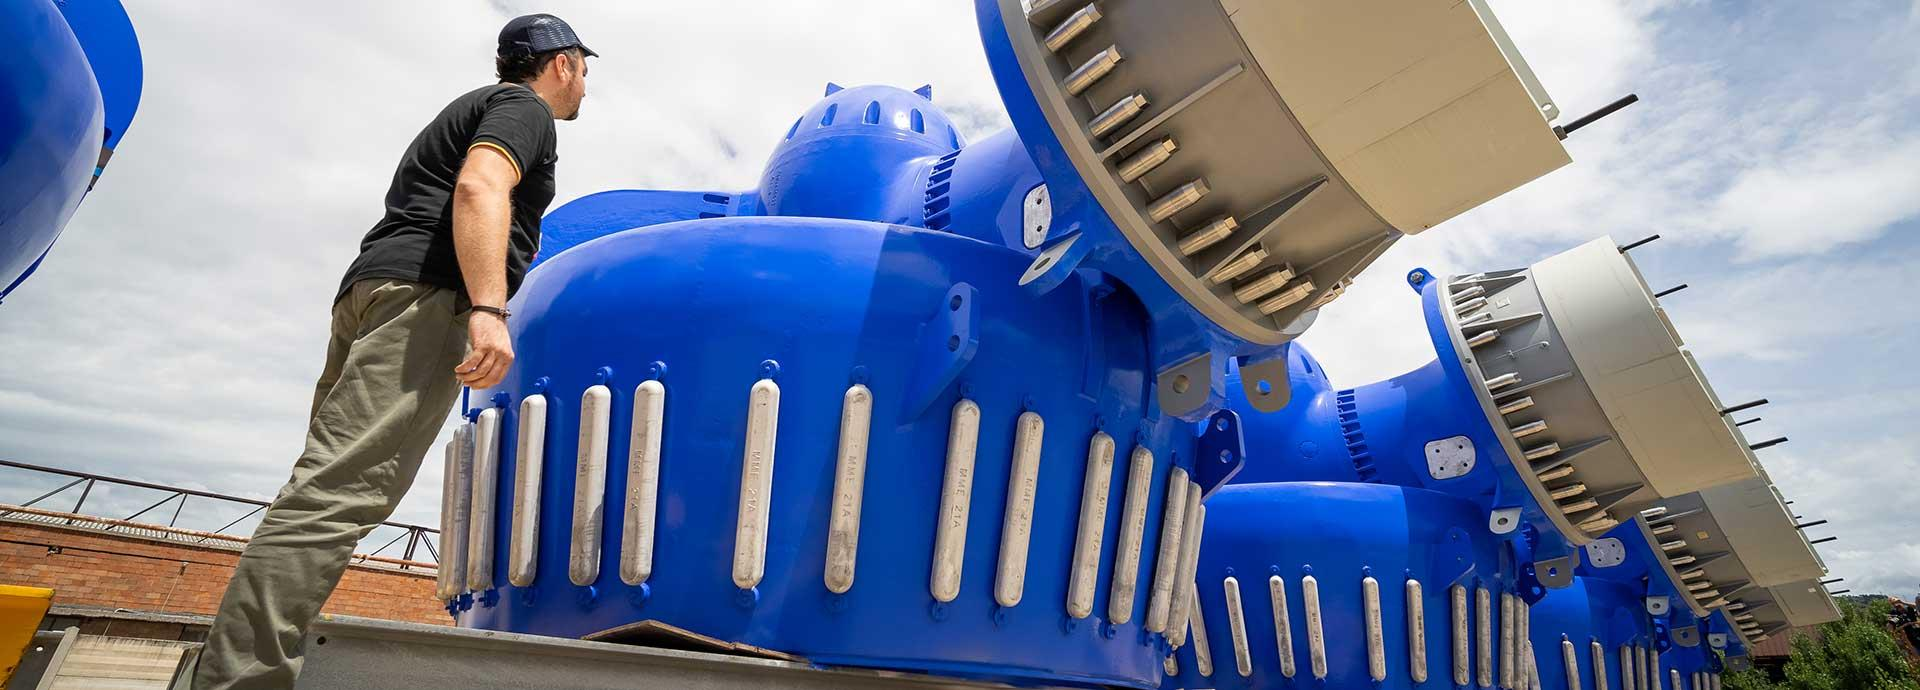 Wärtsilä gives a boost to world's largest semi-submersible crane vehicle